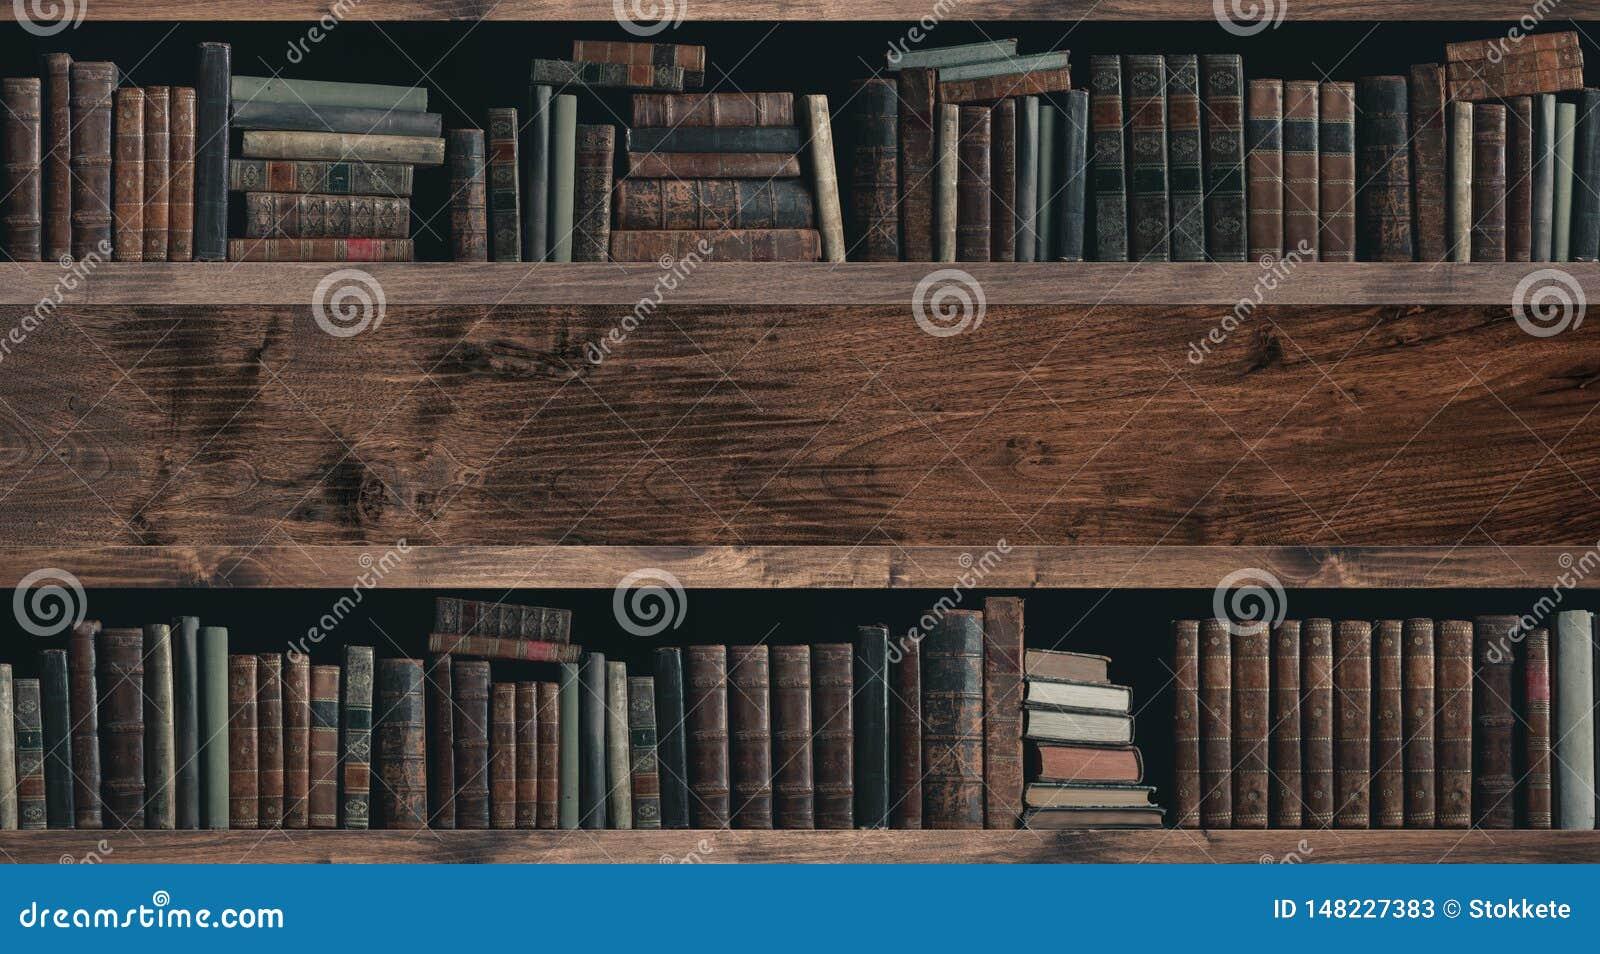 Συλλογή των πολύτιμων αρχαίων βιβλίων σε ένα ράφι